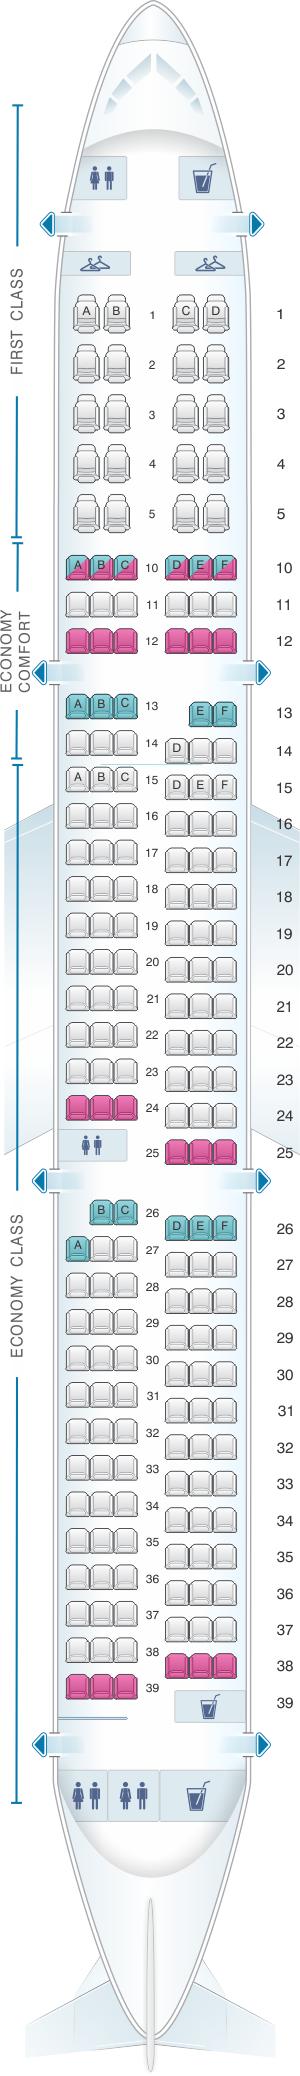 Seat Map Airbus A321 | SeatMaestro.com